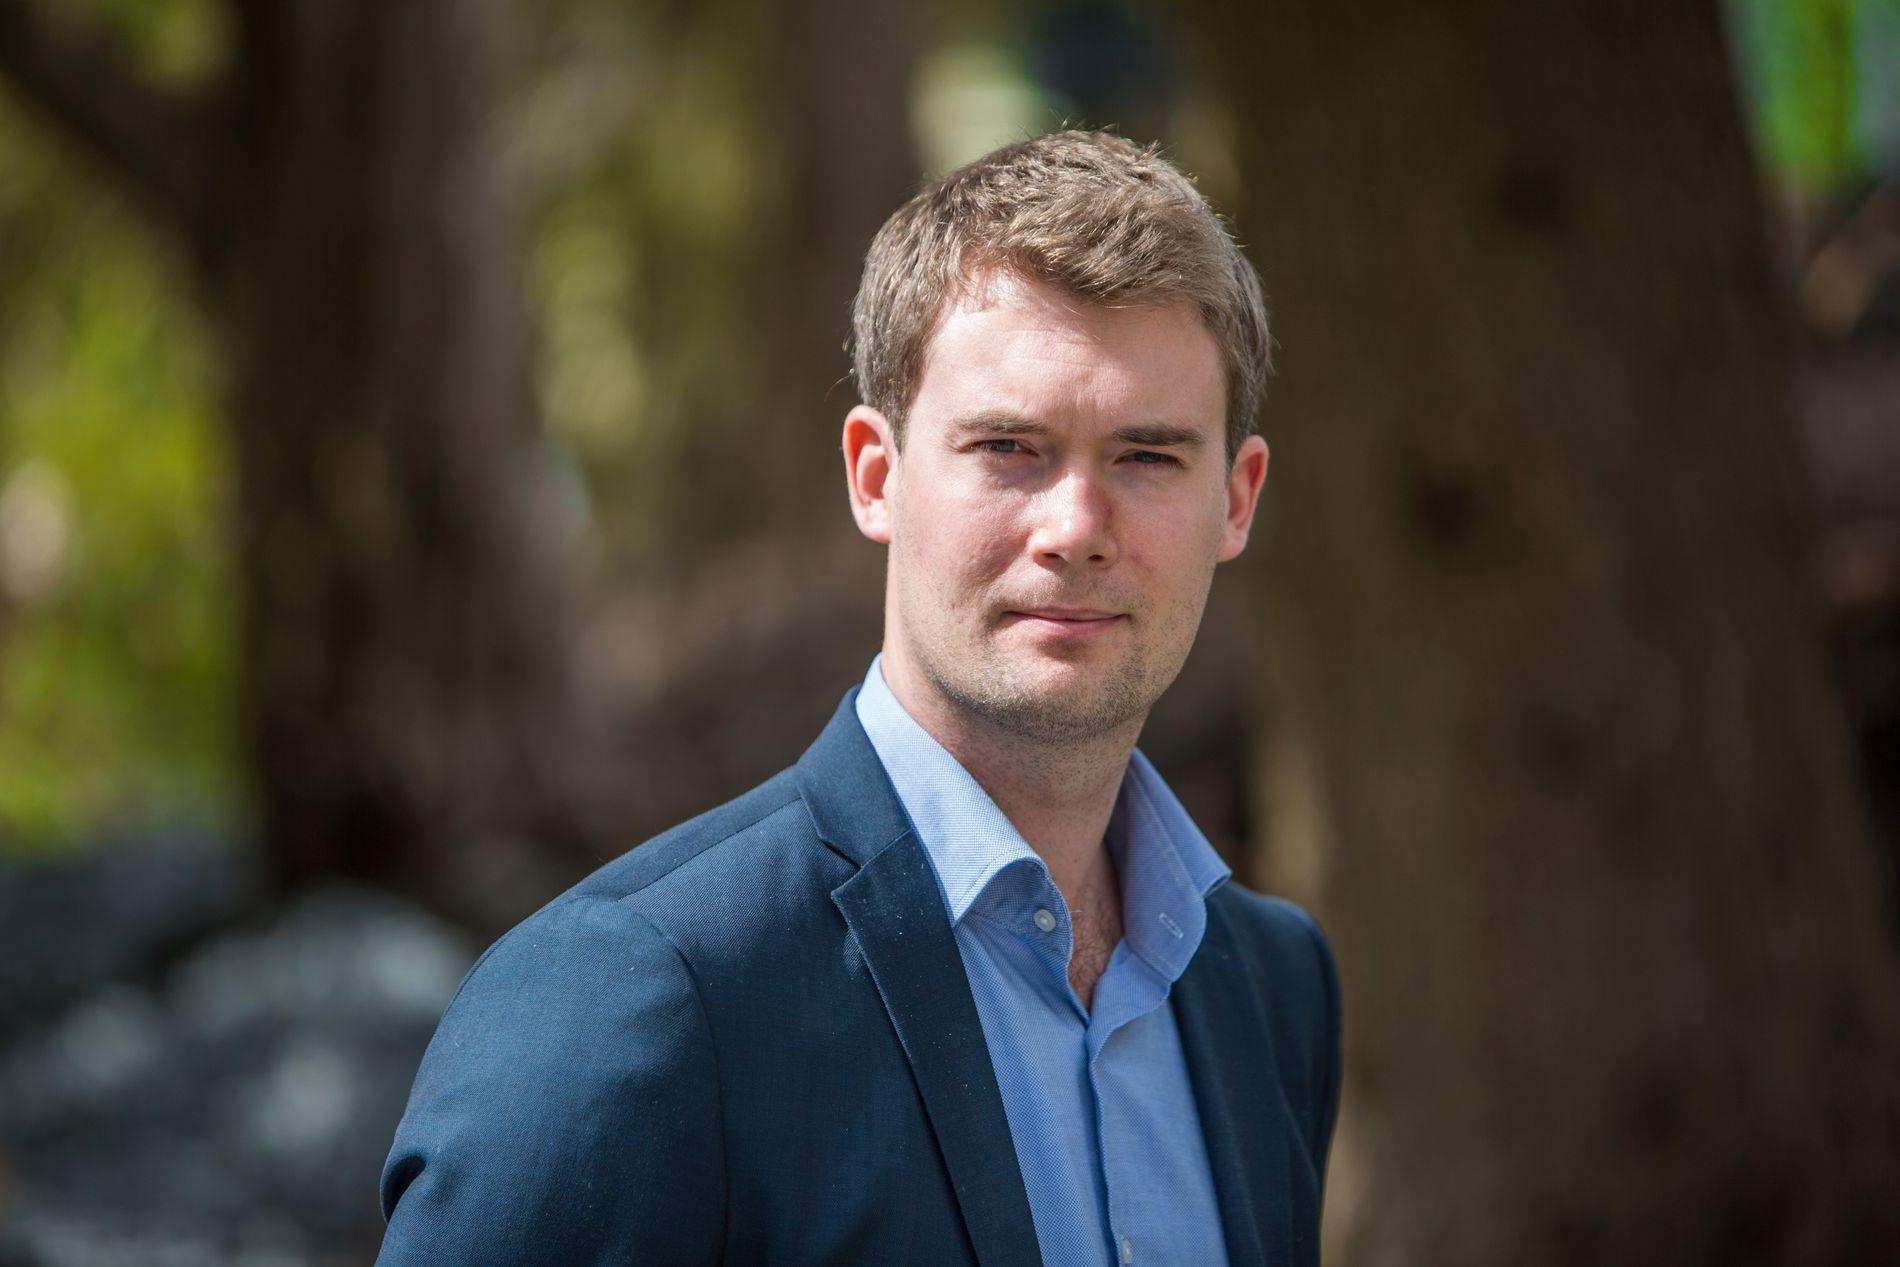 IKKE DÅRLIG SAMVITTIGHET: Jeg er en en av disse ni mannlige førstekandidatene, og kjenner ingen dårlig samvittighet for å være Venstres førstekandidat, skriver Erlend Horn (V).